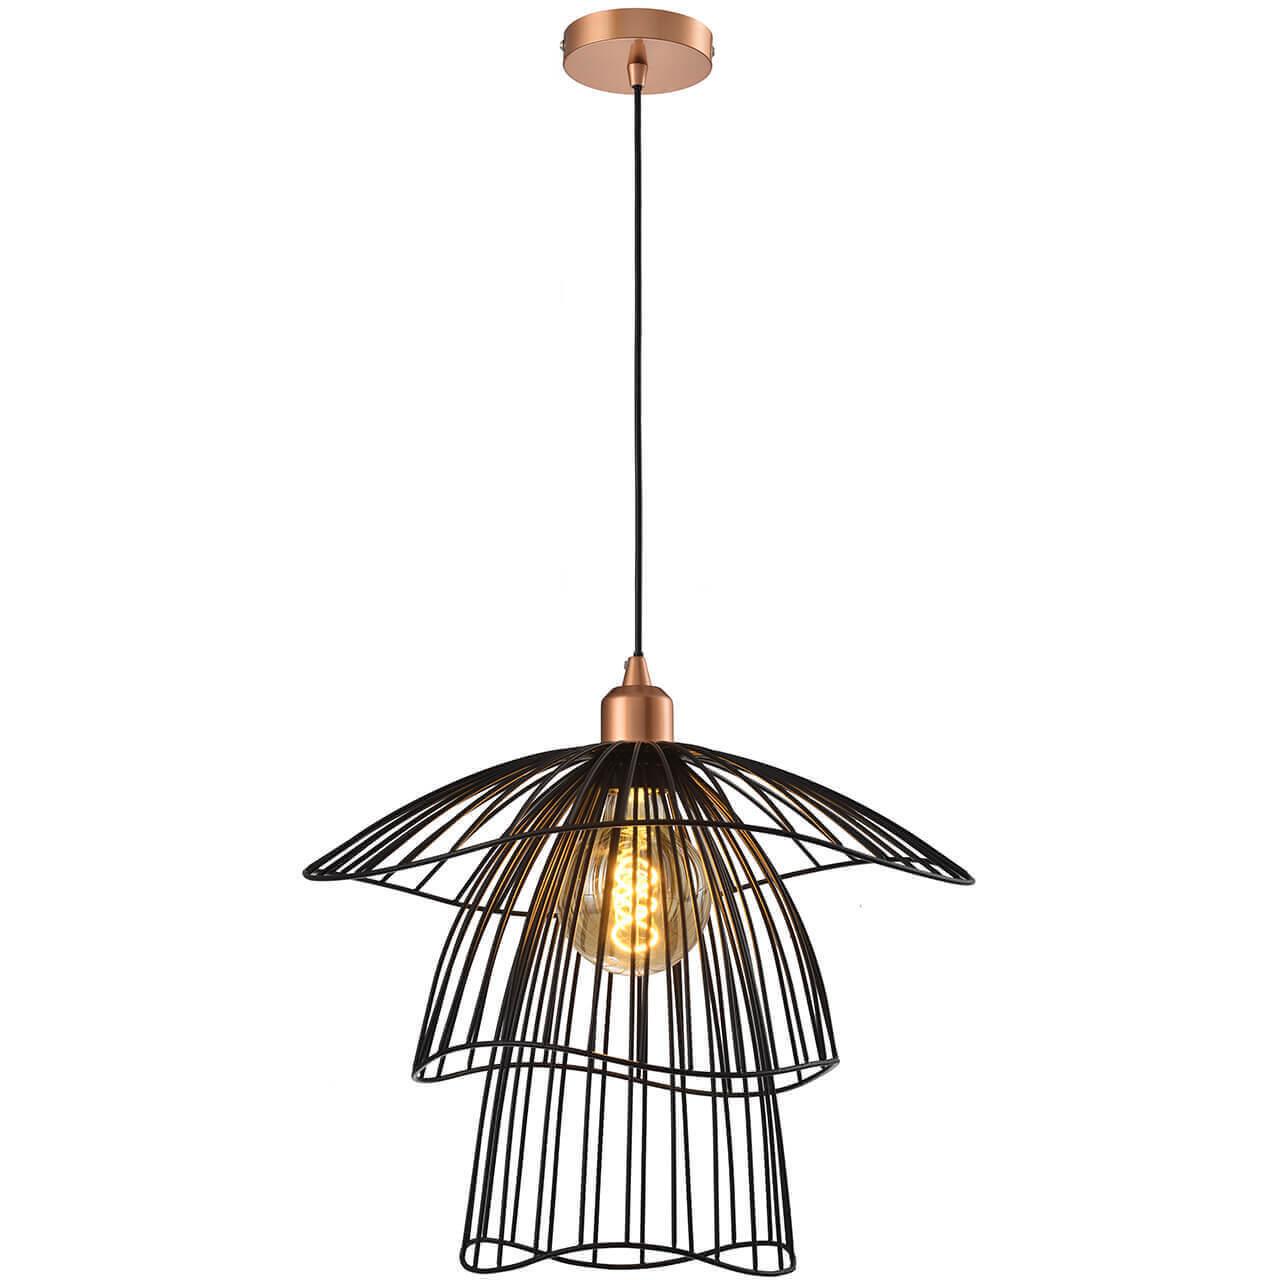 Светильник подвесной Toplight Phebe TL1192H-01BK светильник подвесной toplight laurel tl1201h 01bk